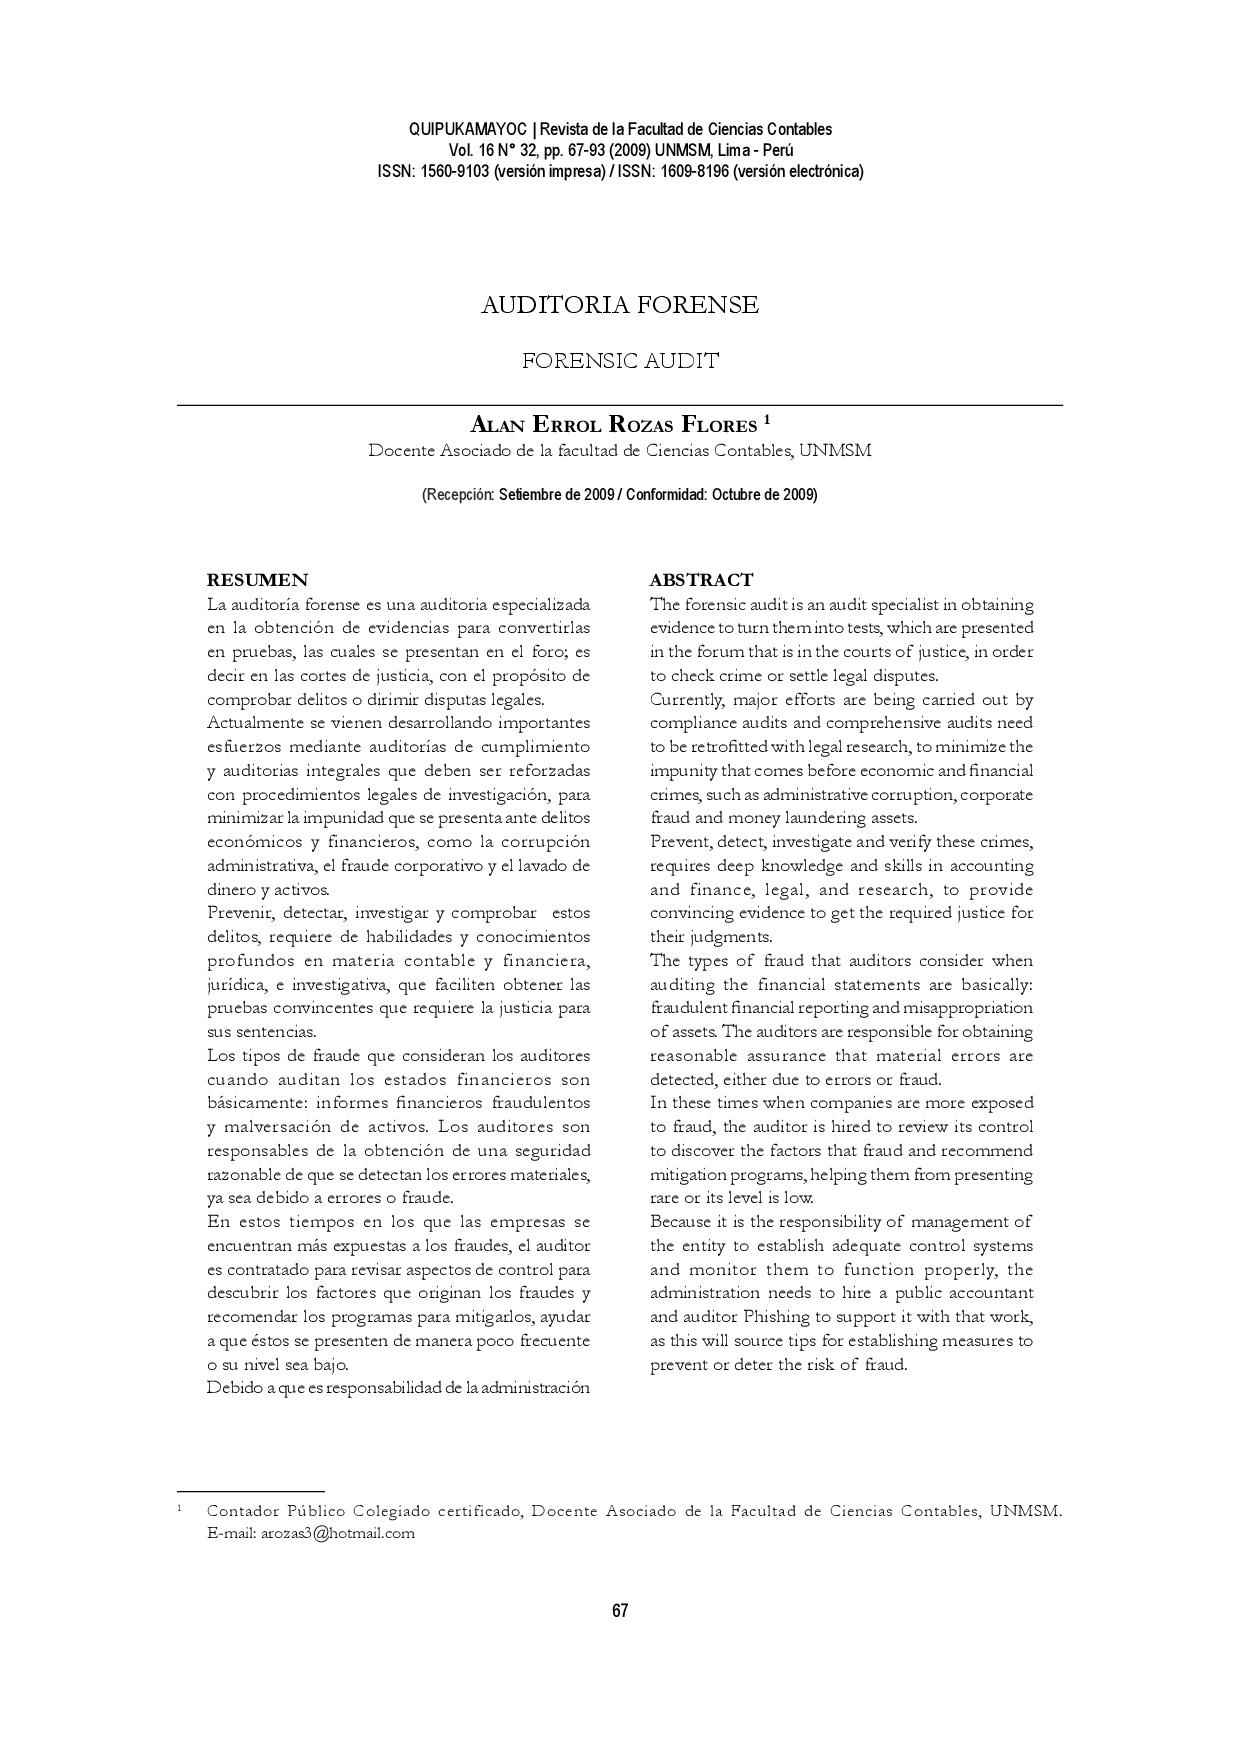 Normas de auditoría aclaradas: Partes relacionadas redactadas de nuevo